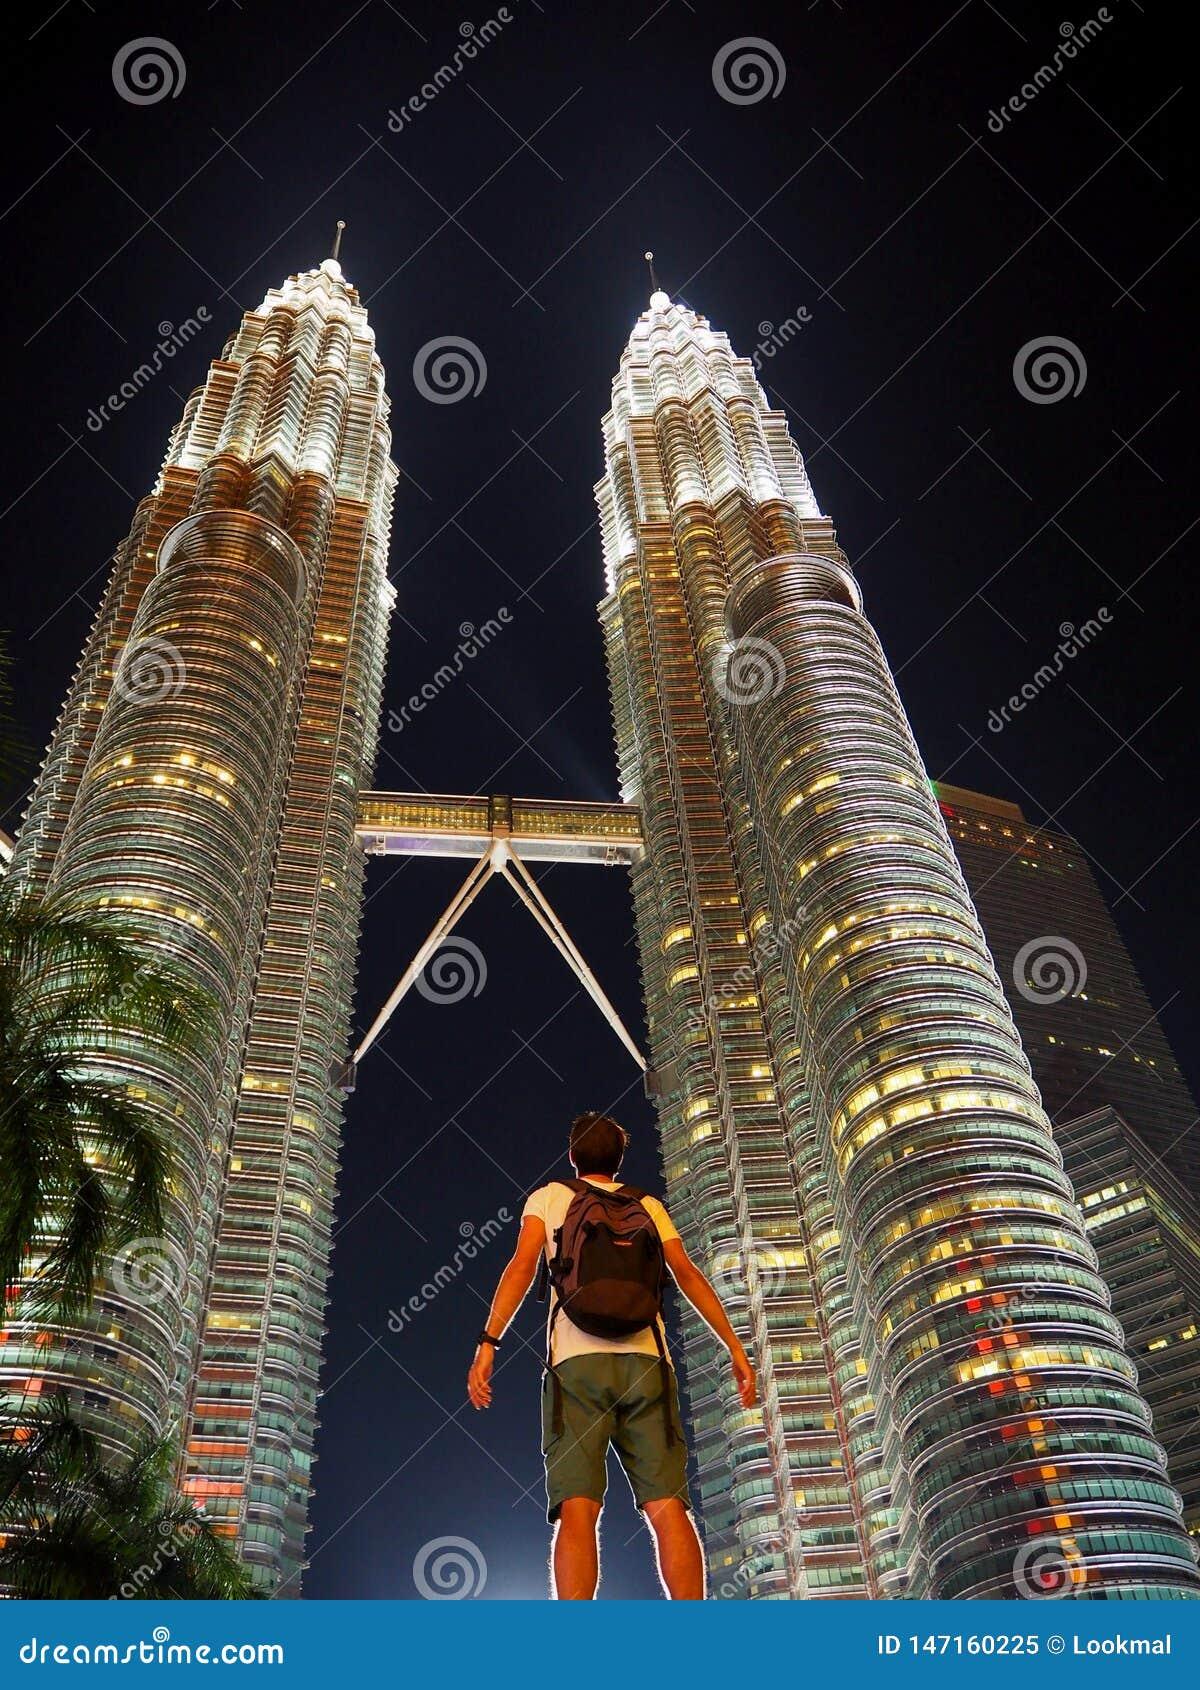 Verbaasde reiziger die omhoog aan de verlichte tweelingtorens van Petronas in Kuala Lumpur kijkt